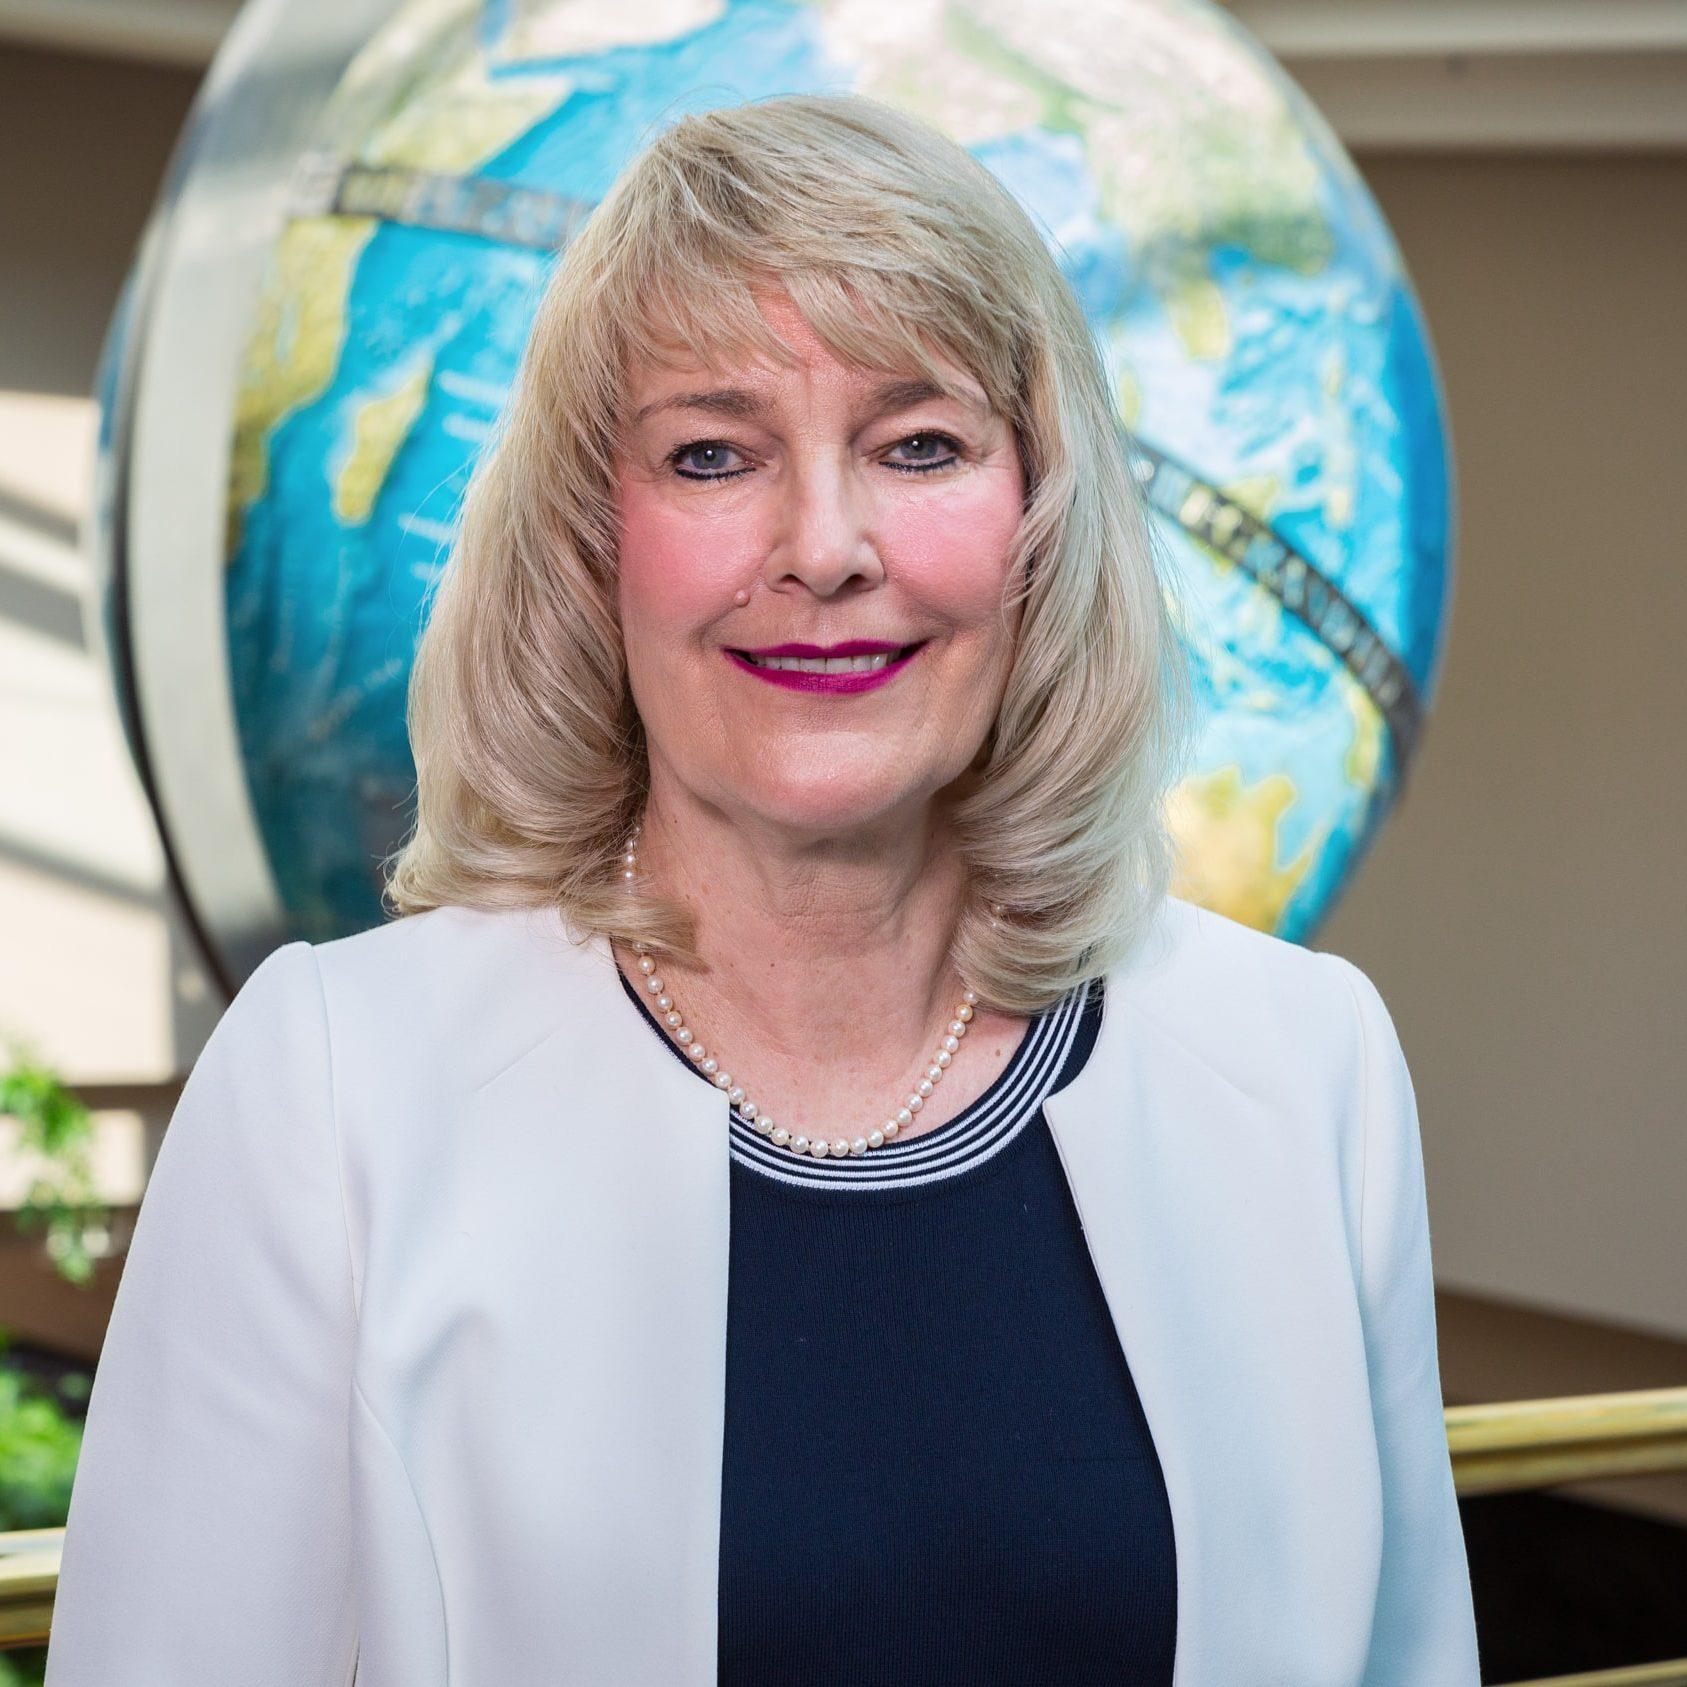 Heike Molkenthin (Vorstandsvorsitzende) – Heike Molkenthin Natural Casings